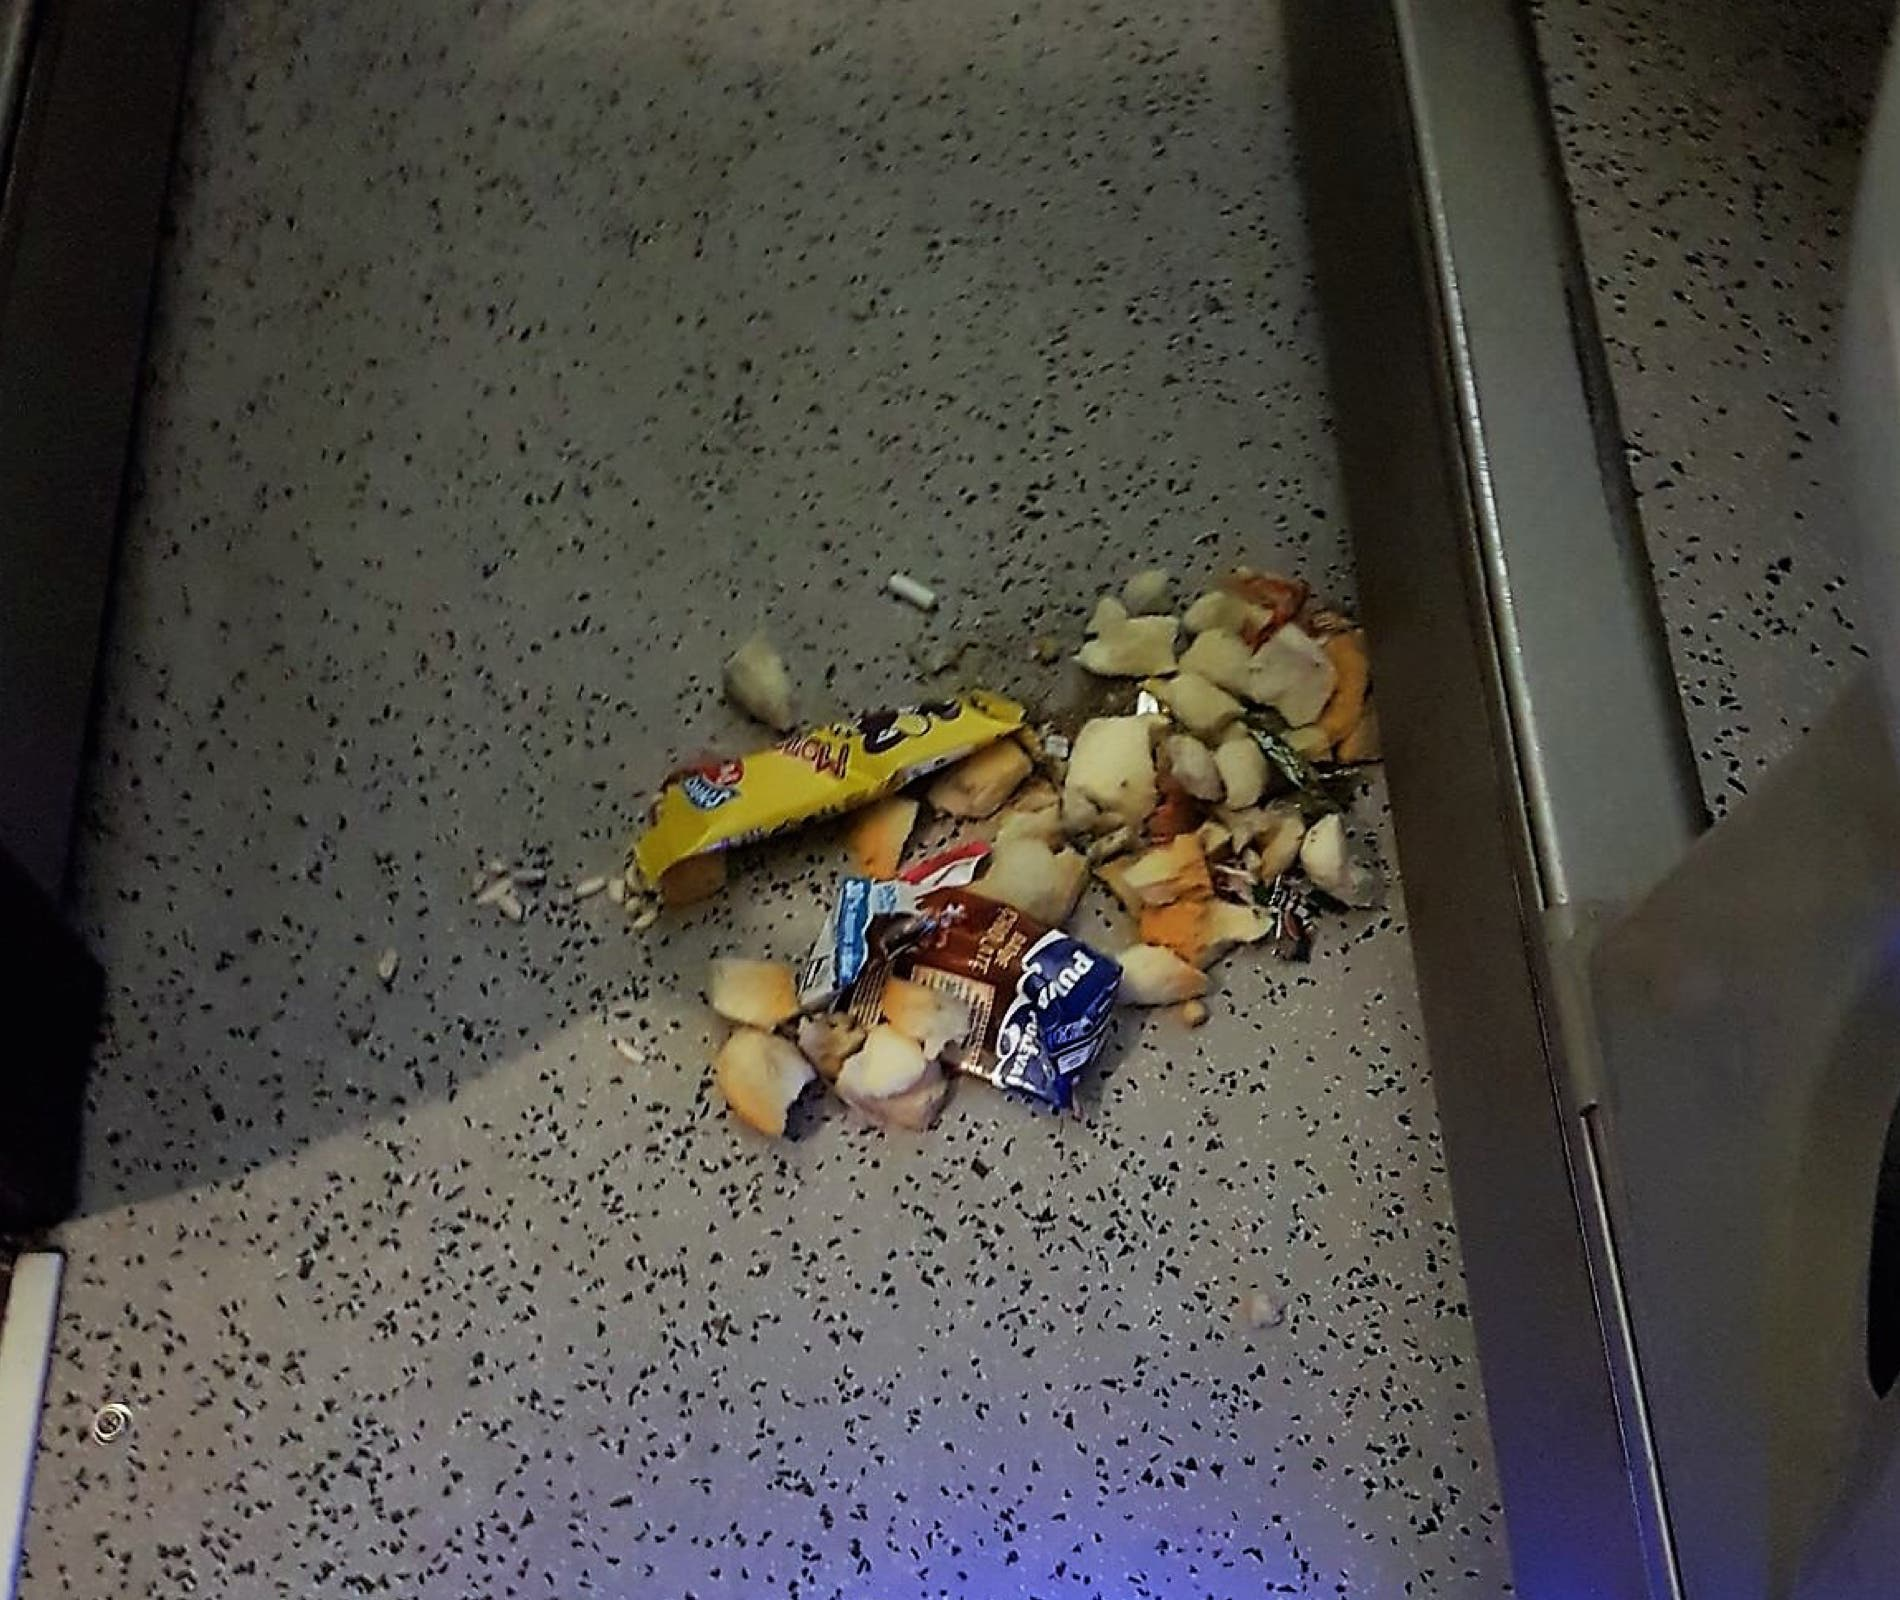 Basura en los pasillos del autobús (Ayto. de Velilla).